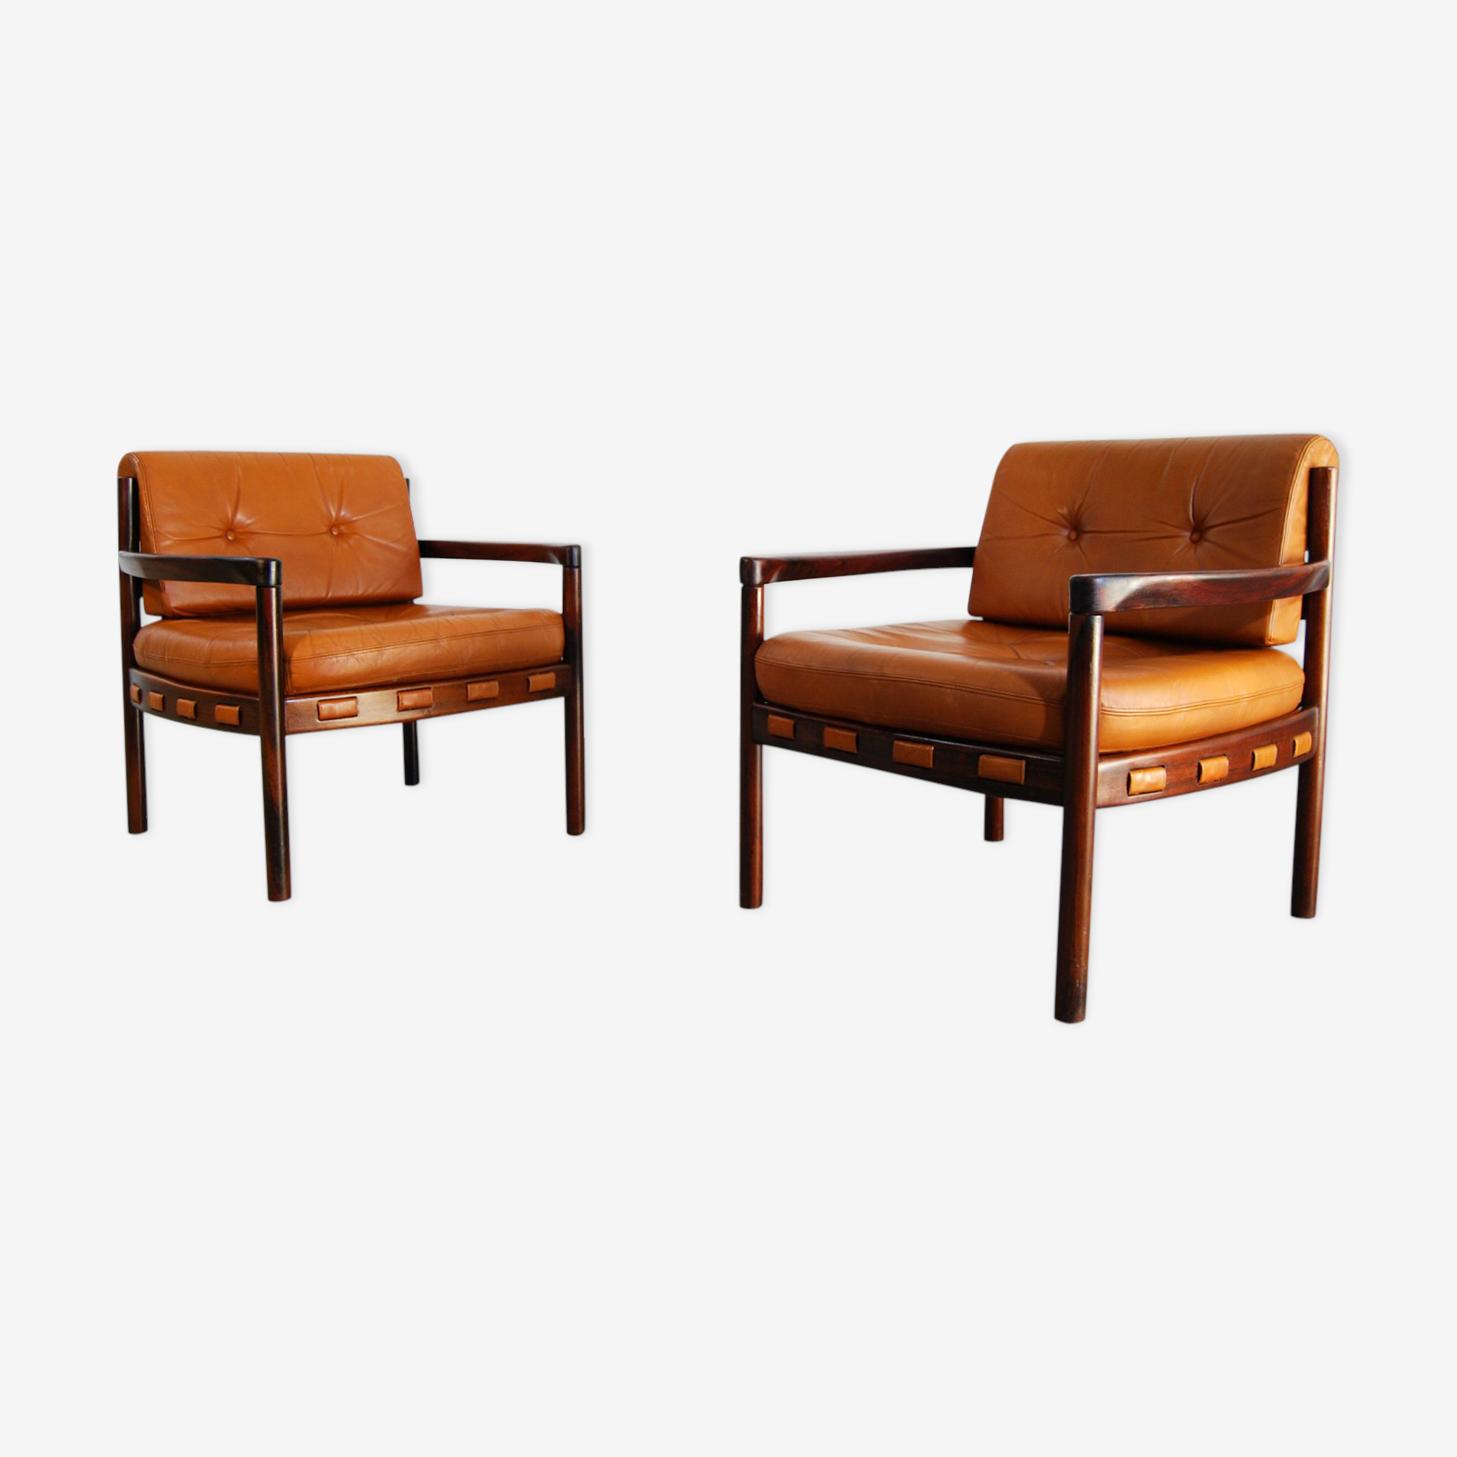 Paire de fauteuils scandinaves par Coja, 1970